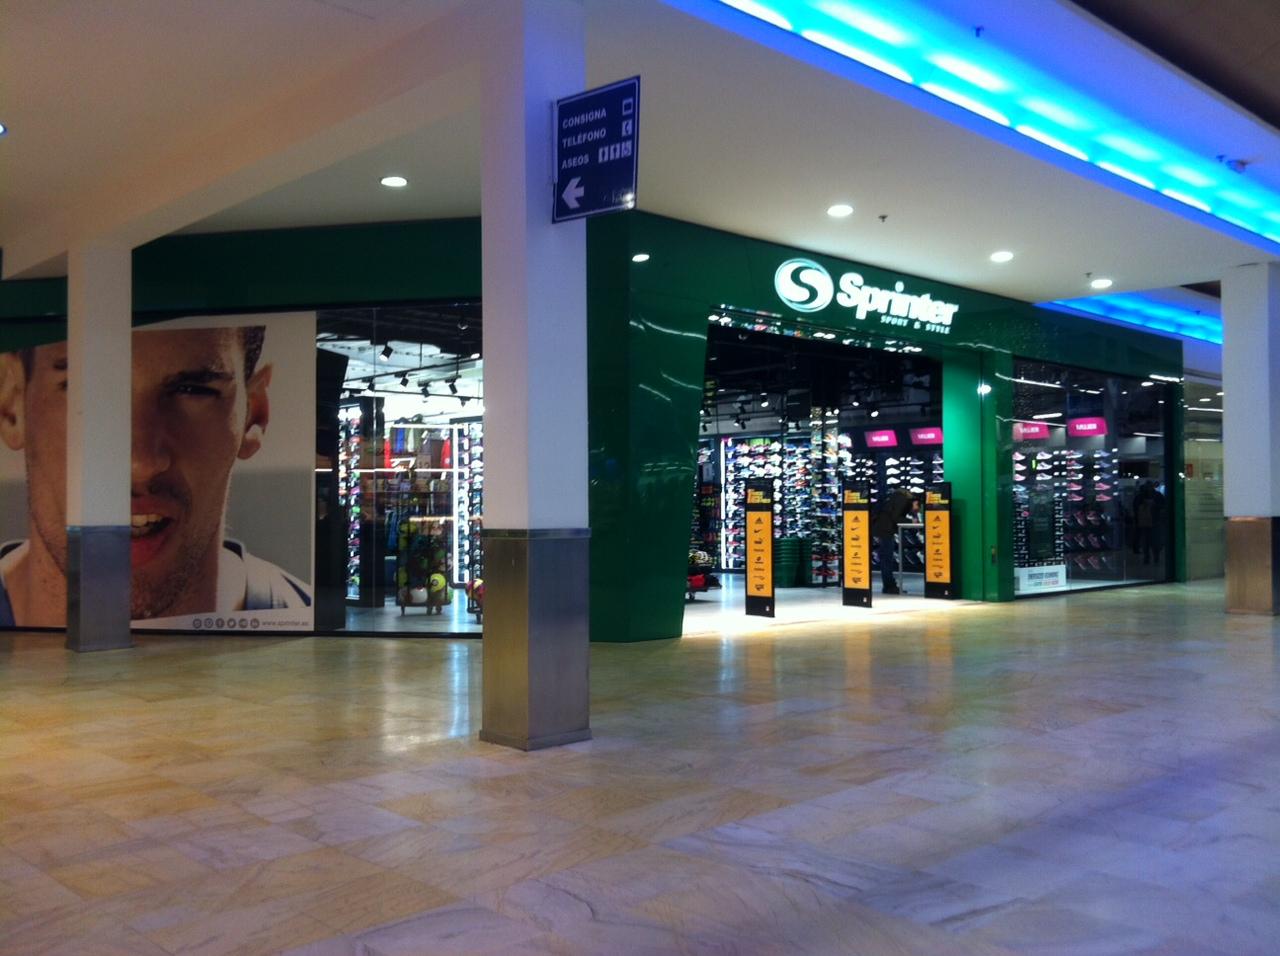 Cue en colaboración con otras entidades ha participado en la inauguaración de las nuevas tiendas Sprinter en Sevilla